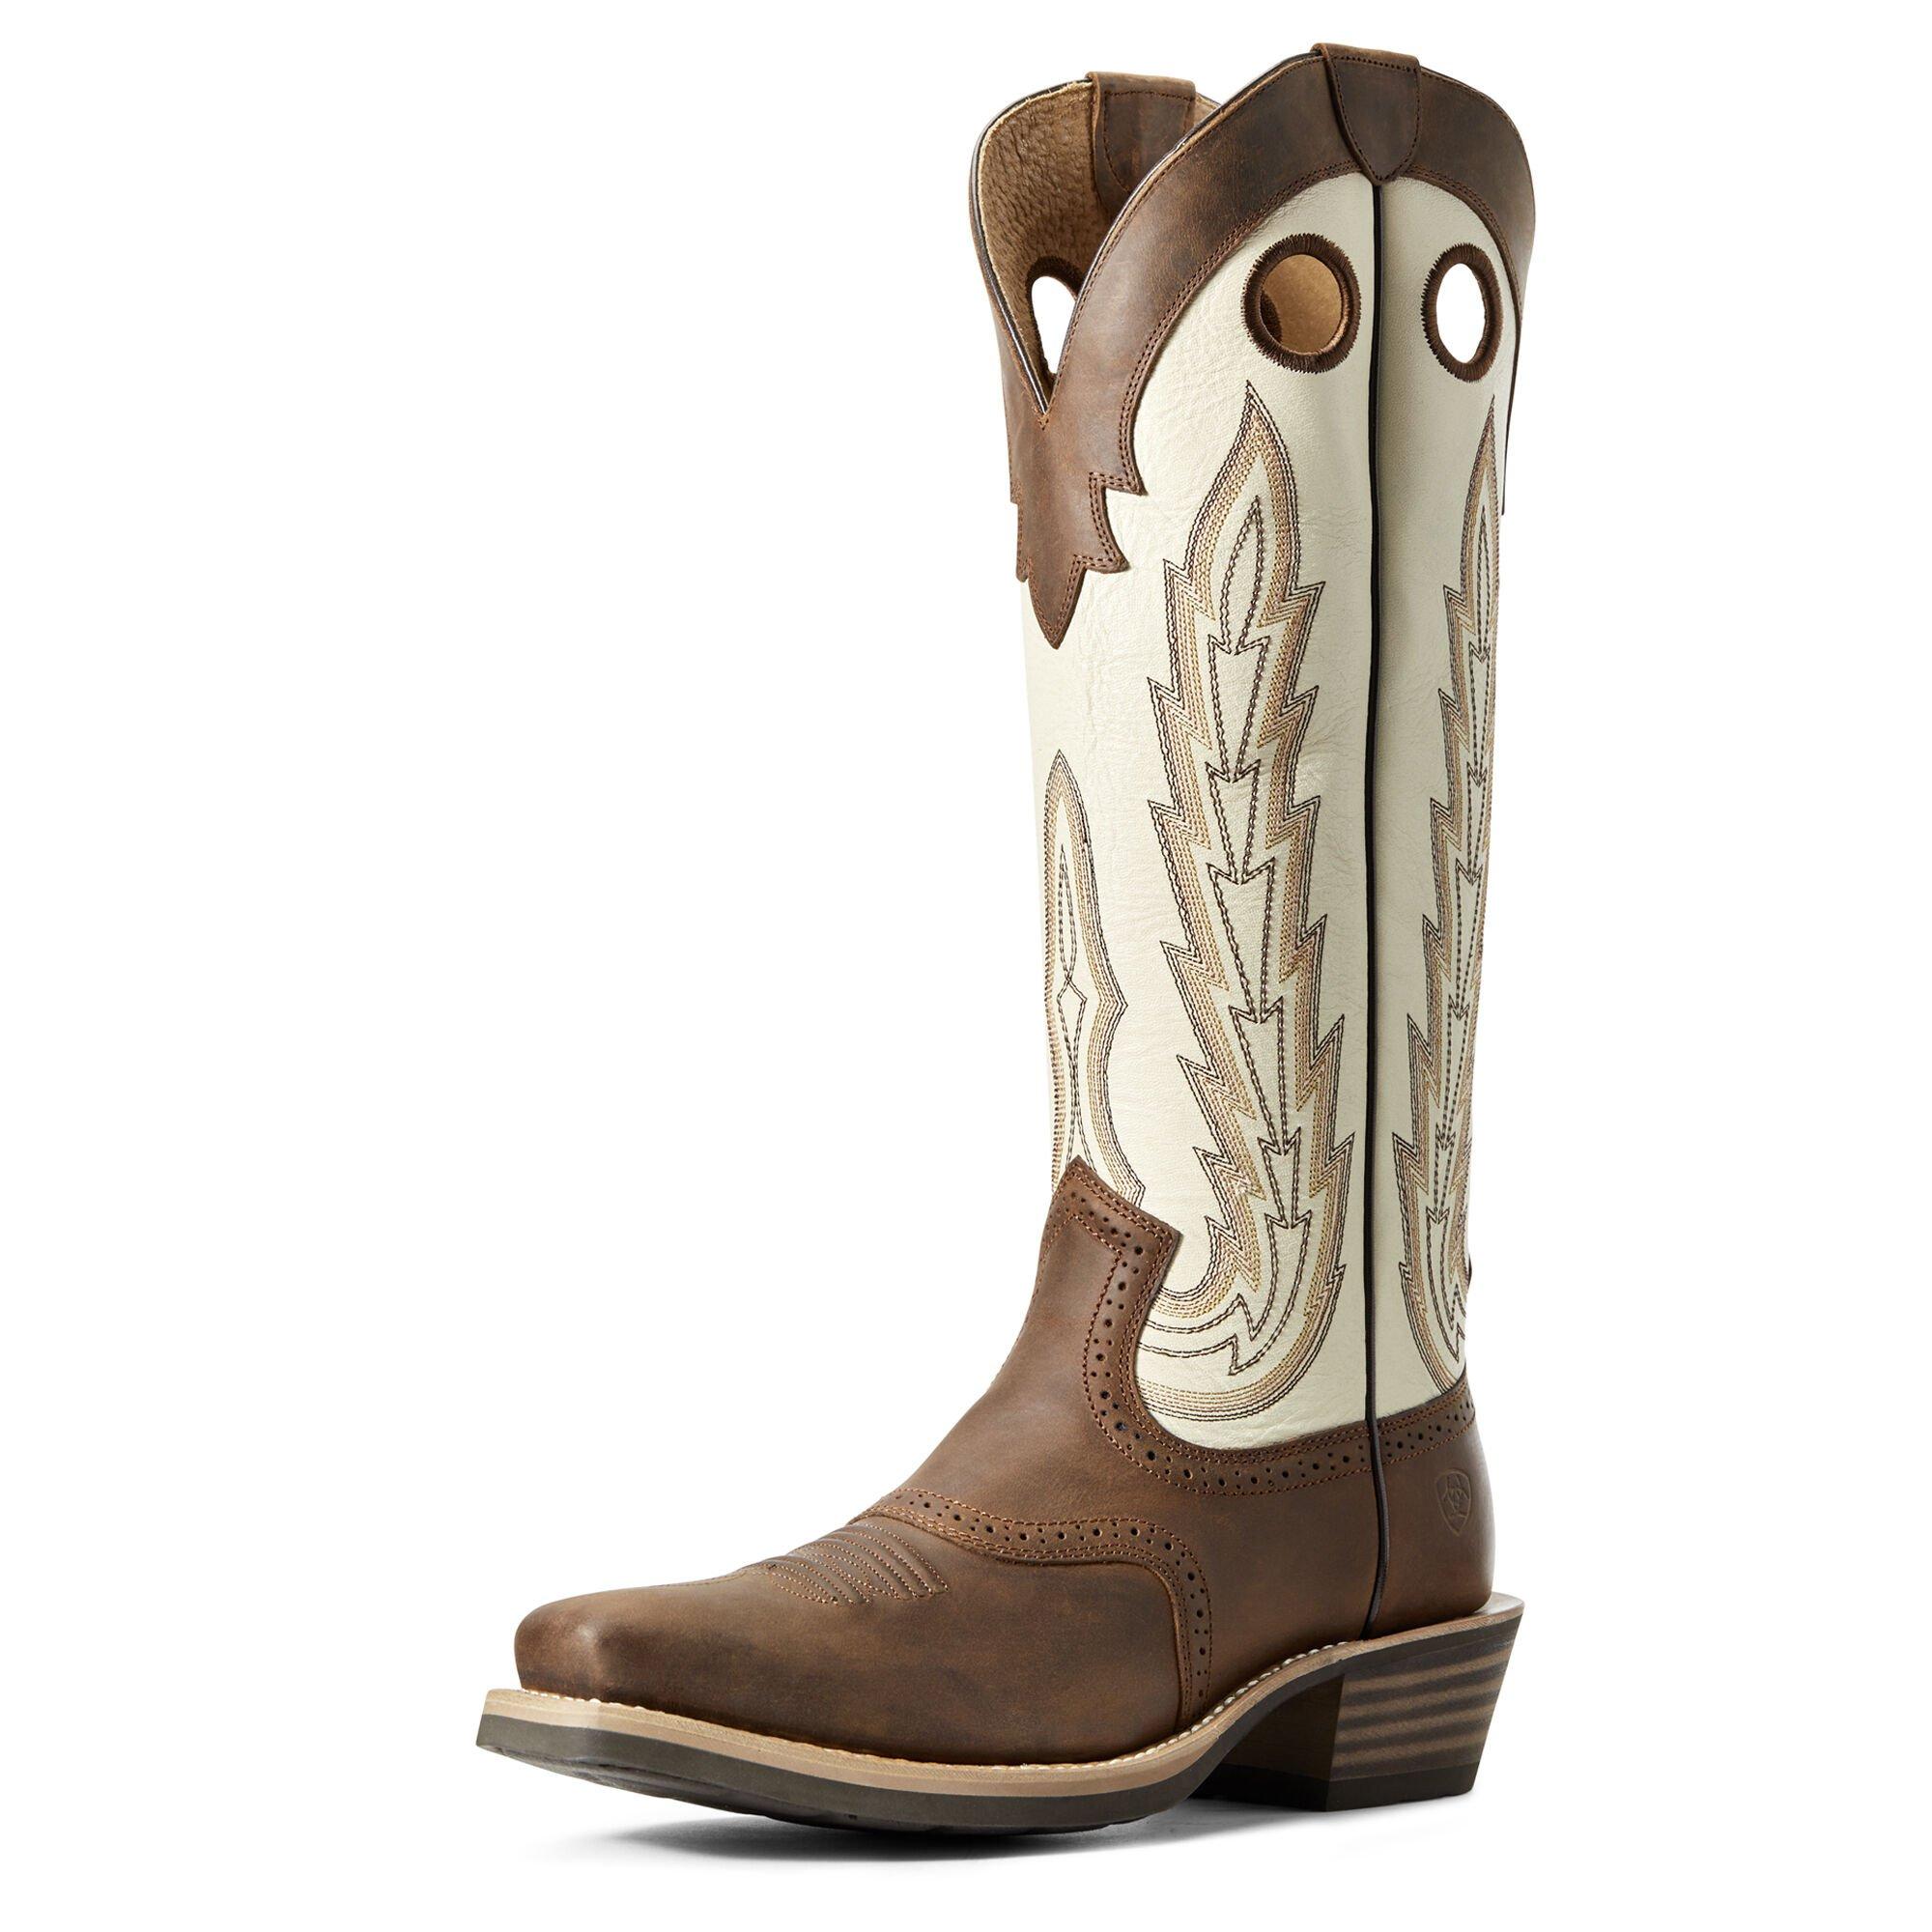 Heritage Buckaroo Western Boot